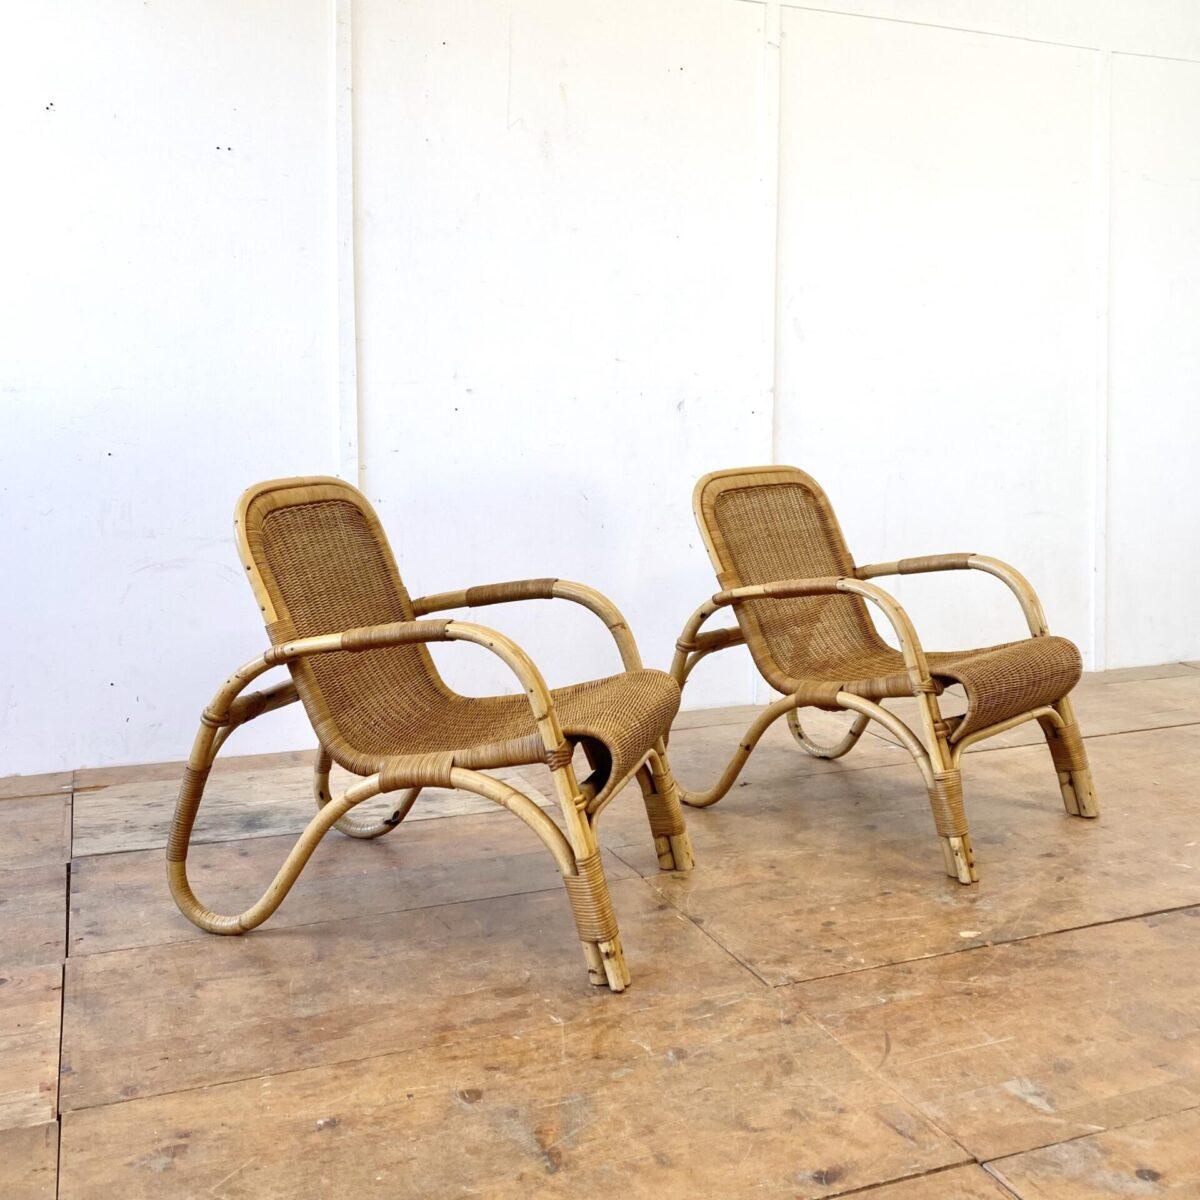 Deuxieme.shop midcentury easy chairs, Cocktail Sessel. Zwei Bambus Cocktail Sessel mit Korbgeflecht. Preis pro Sessel. Schöner stabiler Allgemein Zustand. Der Servierwagen ist ebenfalls verfügbar.